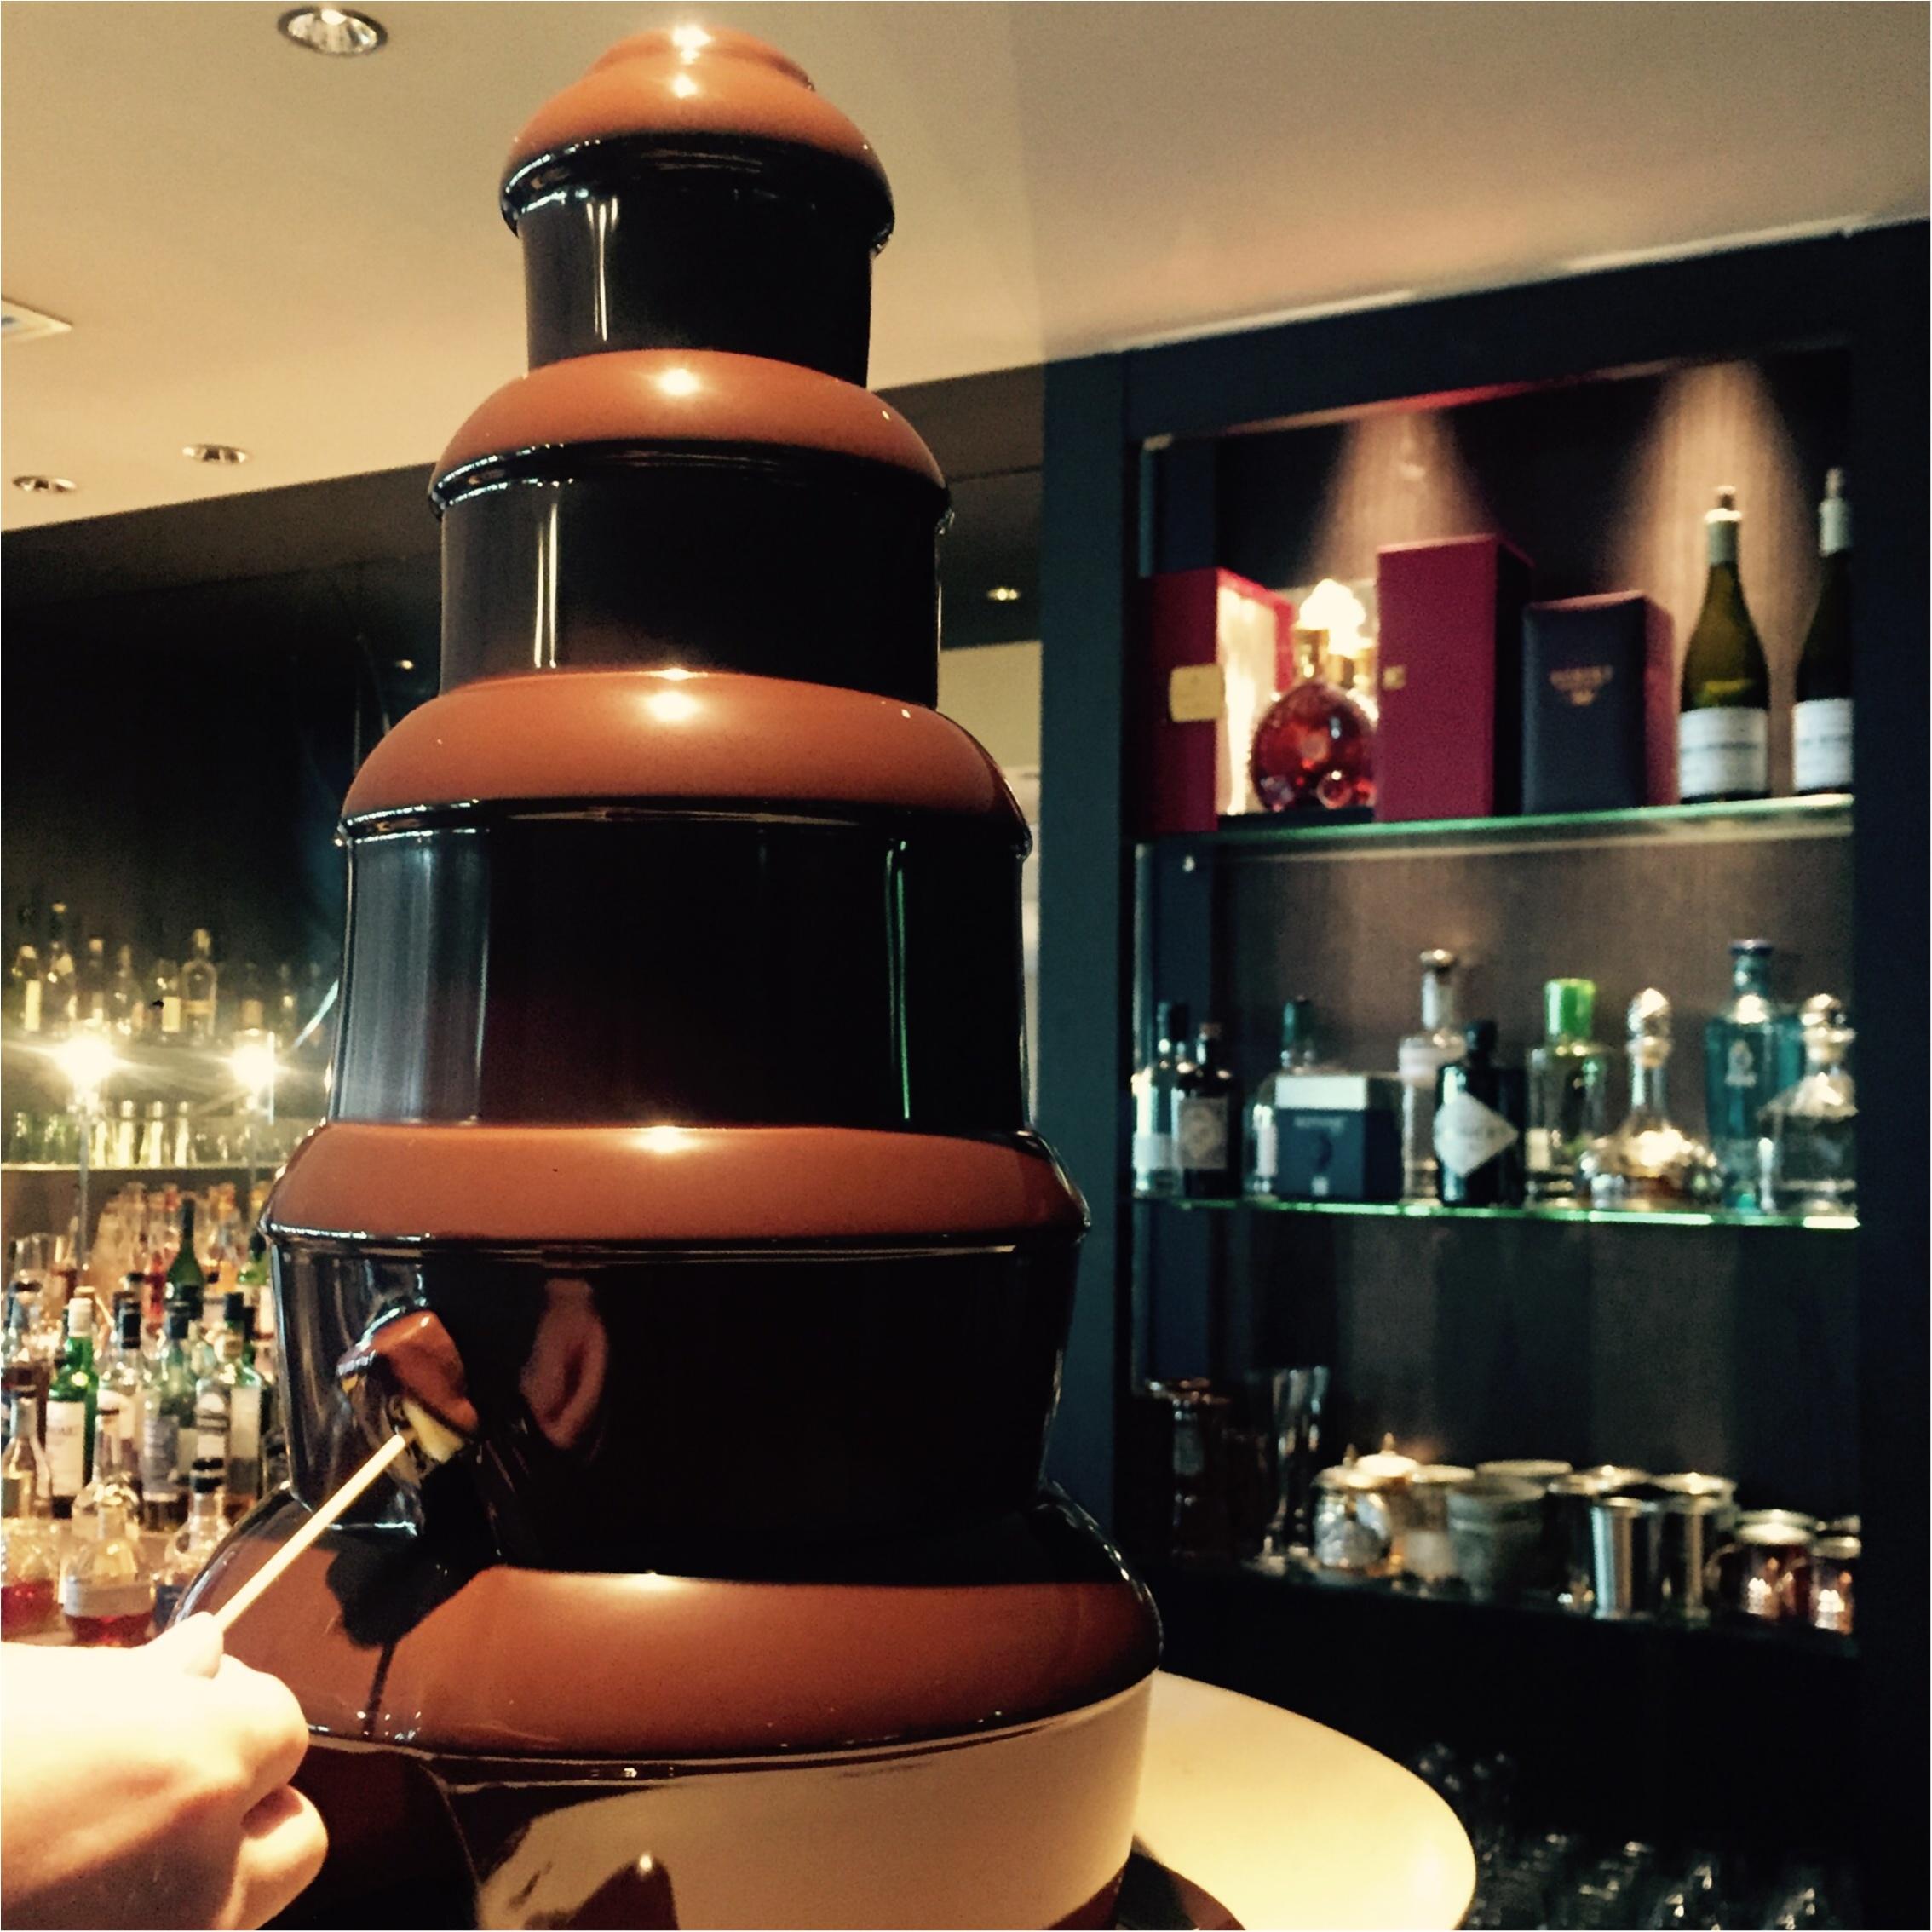 チョコレートファウンテンも楽しめる♡ビュッフェスタイルのランチをハービスで♡_3